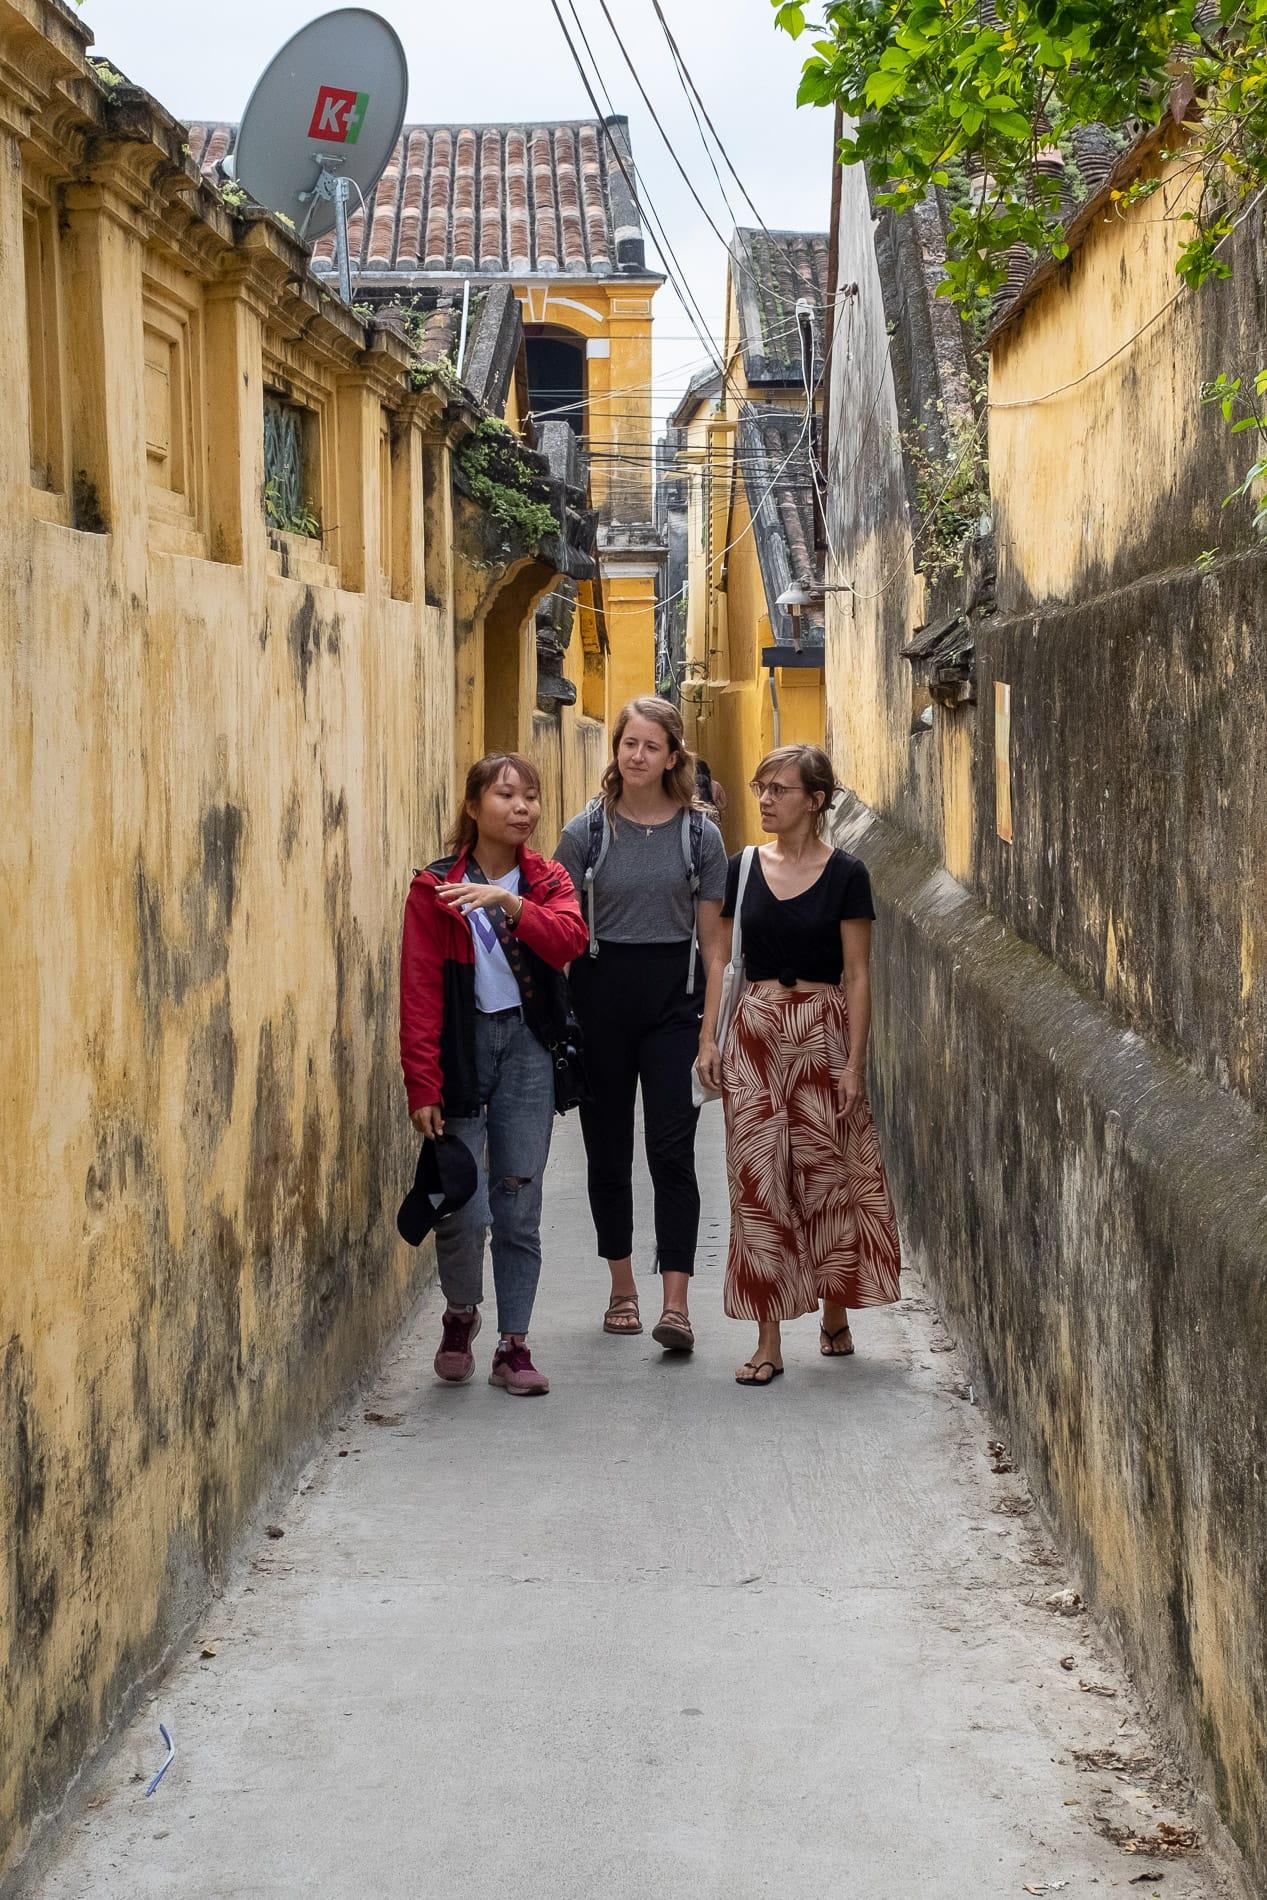 Hoi An alleyways